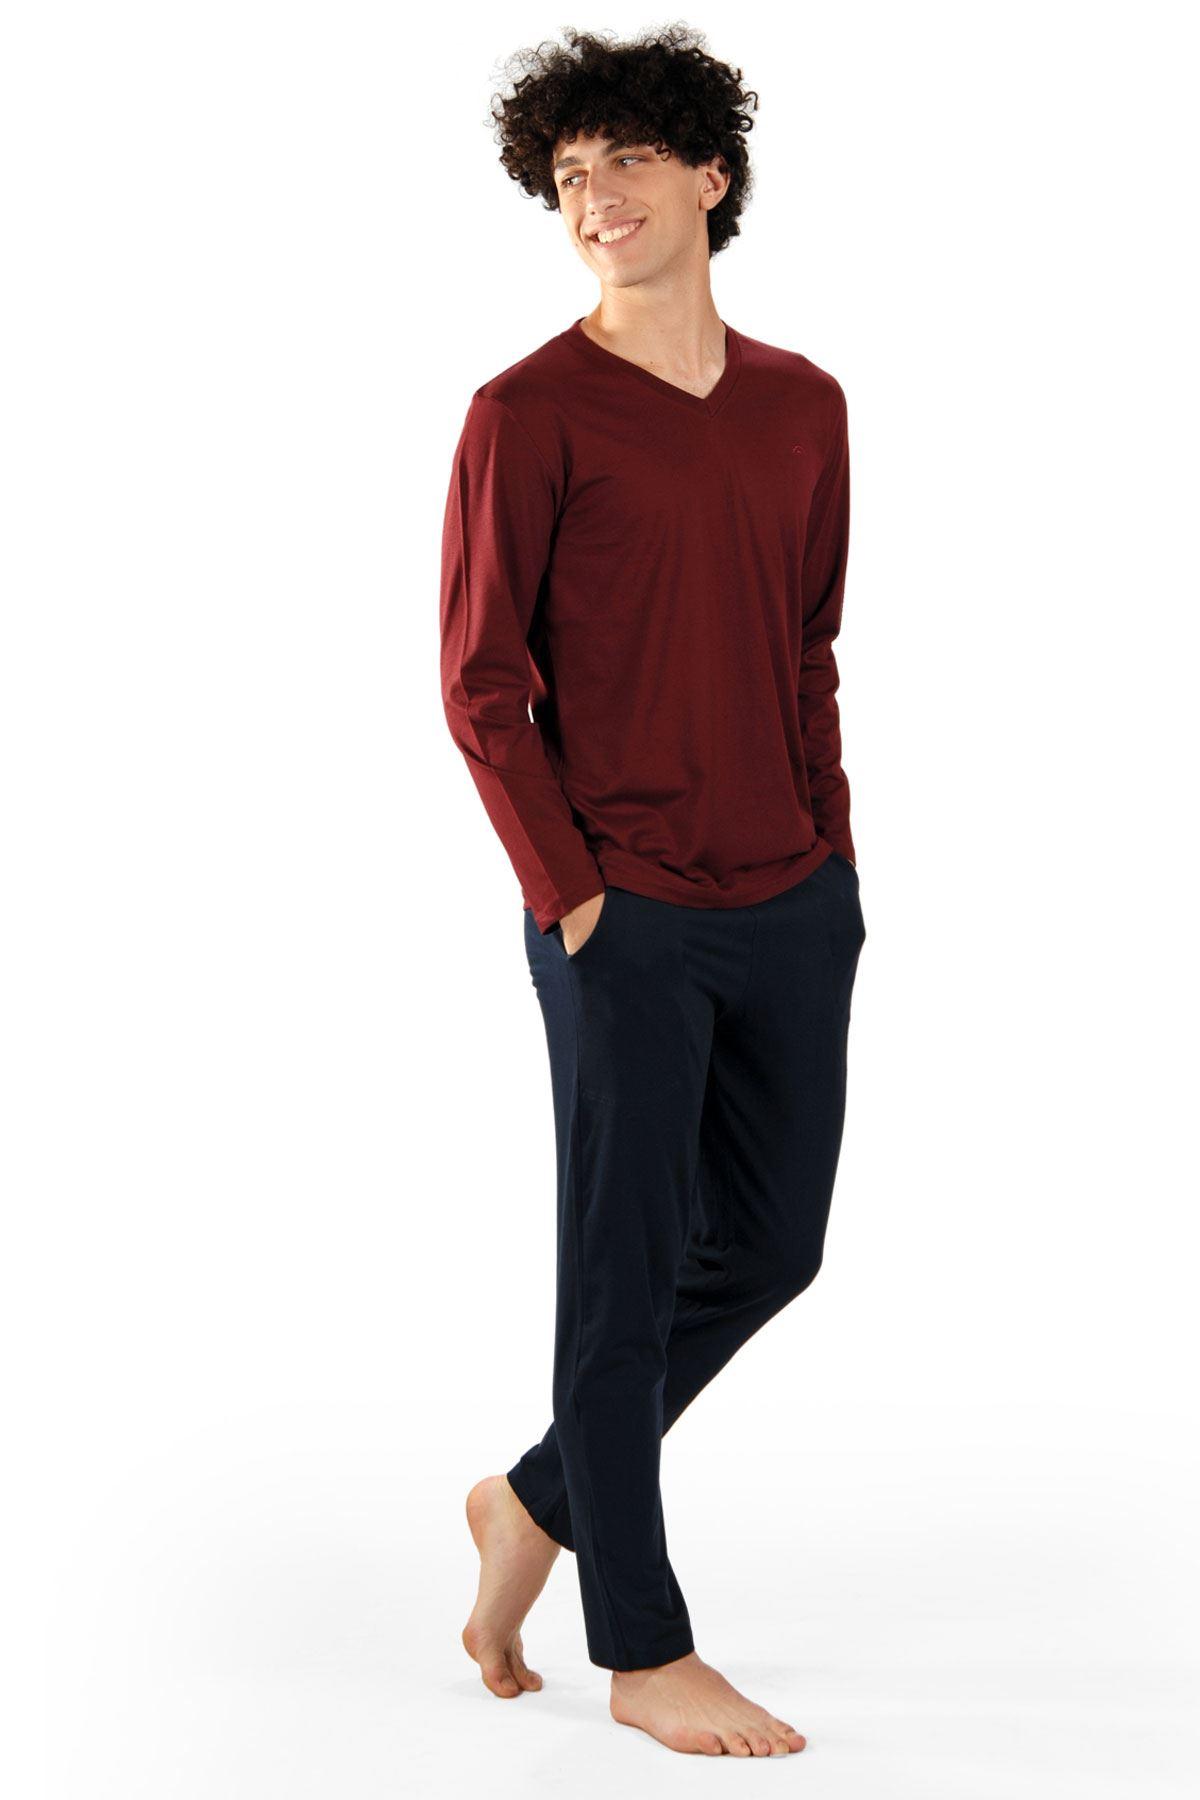 Bordo Erkek Pijama Takımı V Yaka Kışlık Uzun Kollu Pijama 6011